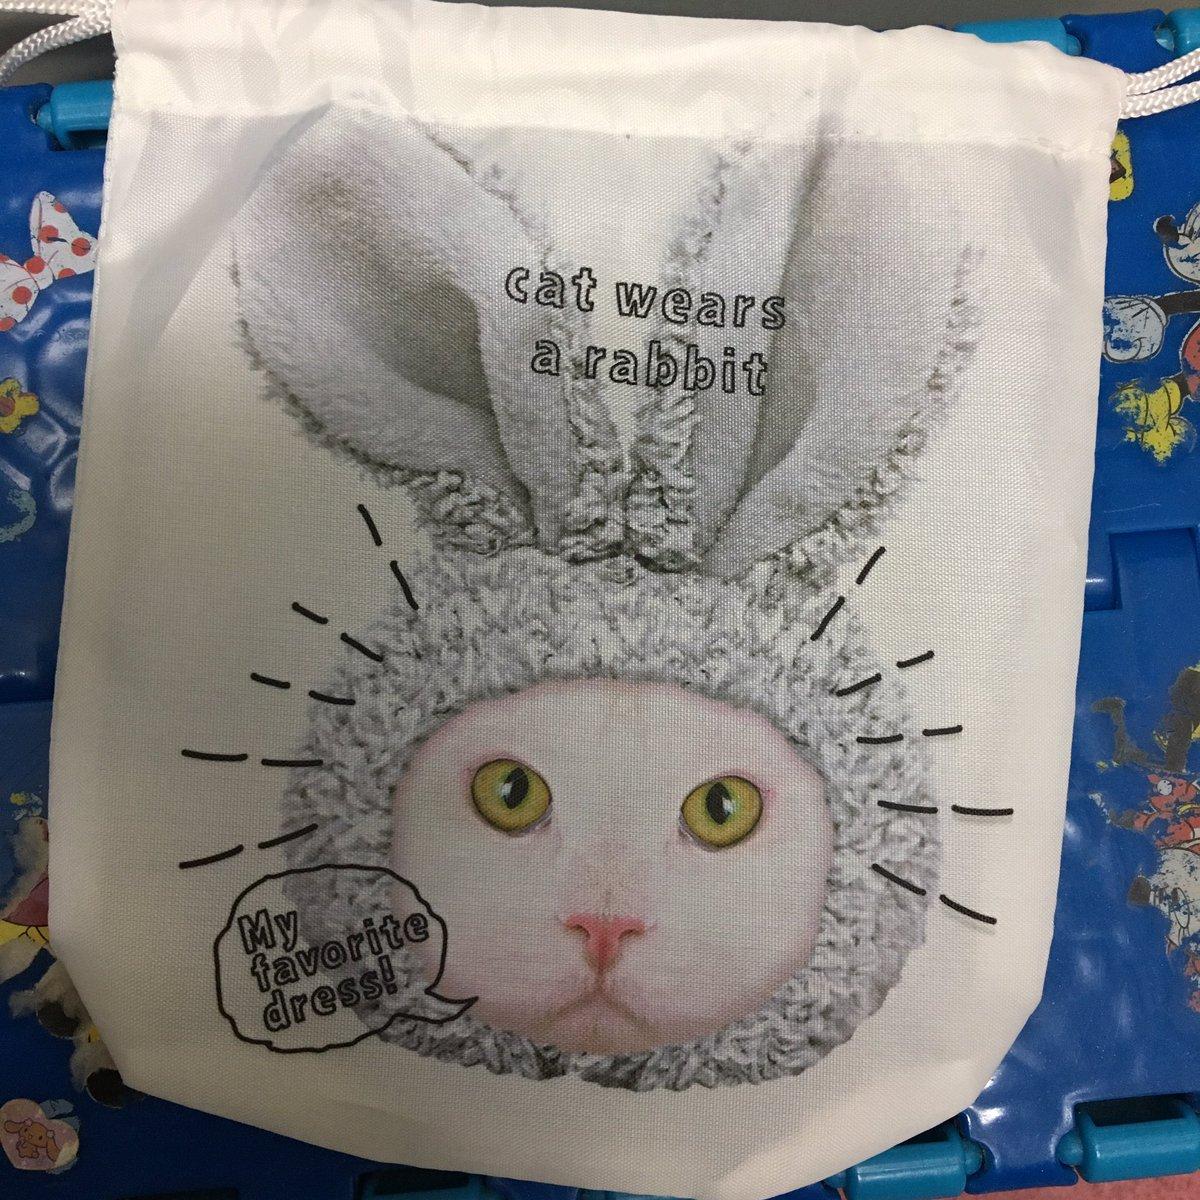 test ツイッターメディア - セリアの巾着、まじ可愛い。 他のやつも買いたかったけどとりあえずこれだけにした。 こういうの見るとうらちゃん思い出すなぁ。 うらちゃんは今頃天国で楽しく暮らしてるのかな✩°。⋆⸜(*˙꒳˙*  )⸝ #セリア #猫 #うらちゃん https://t.co/GDfC5Wbof8